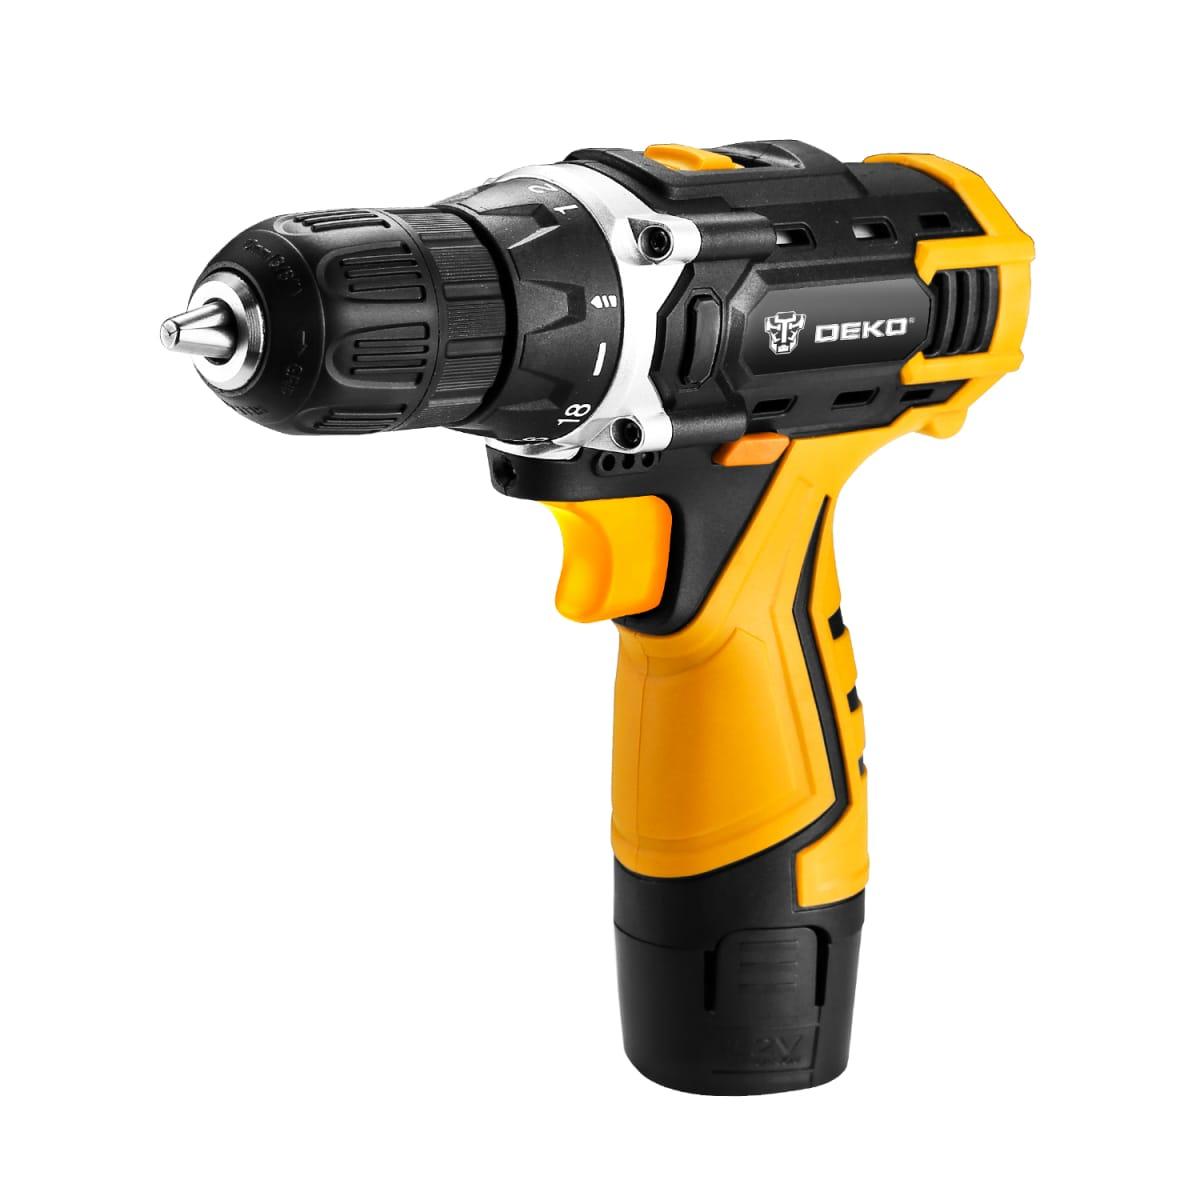 Дрель-шуруповерт аккумуляторная Deko 12В GCD12FU-Li SET 063-4094 + набор аксессуаров в кейсе